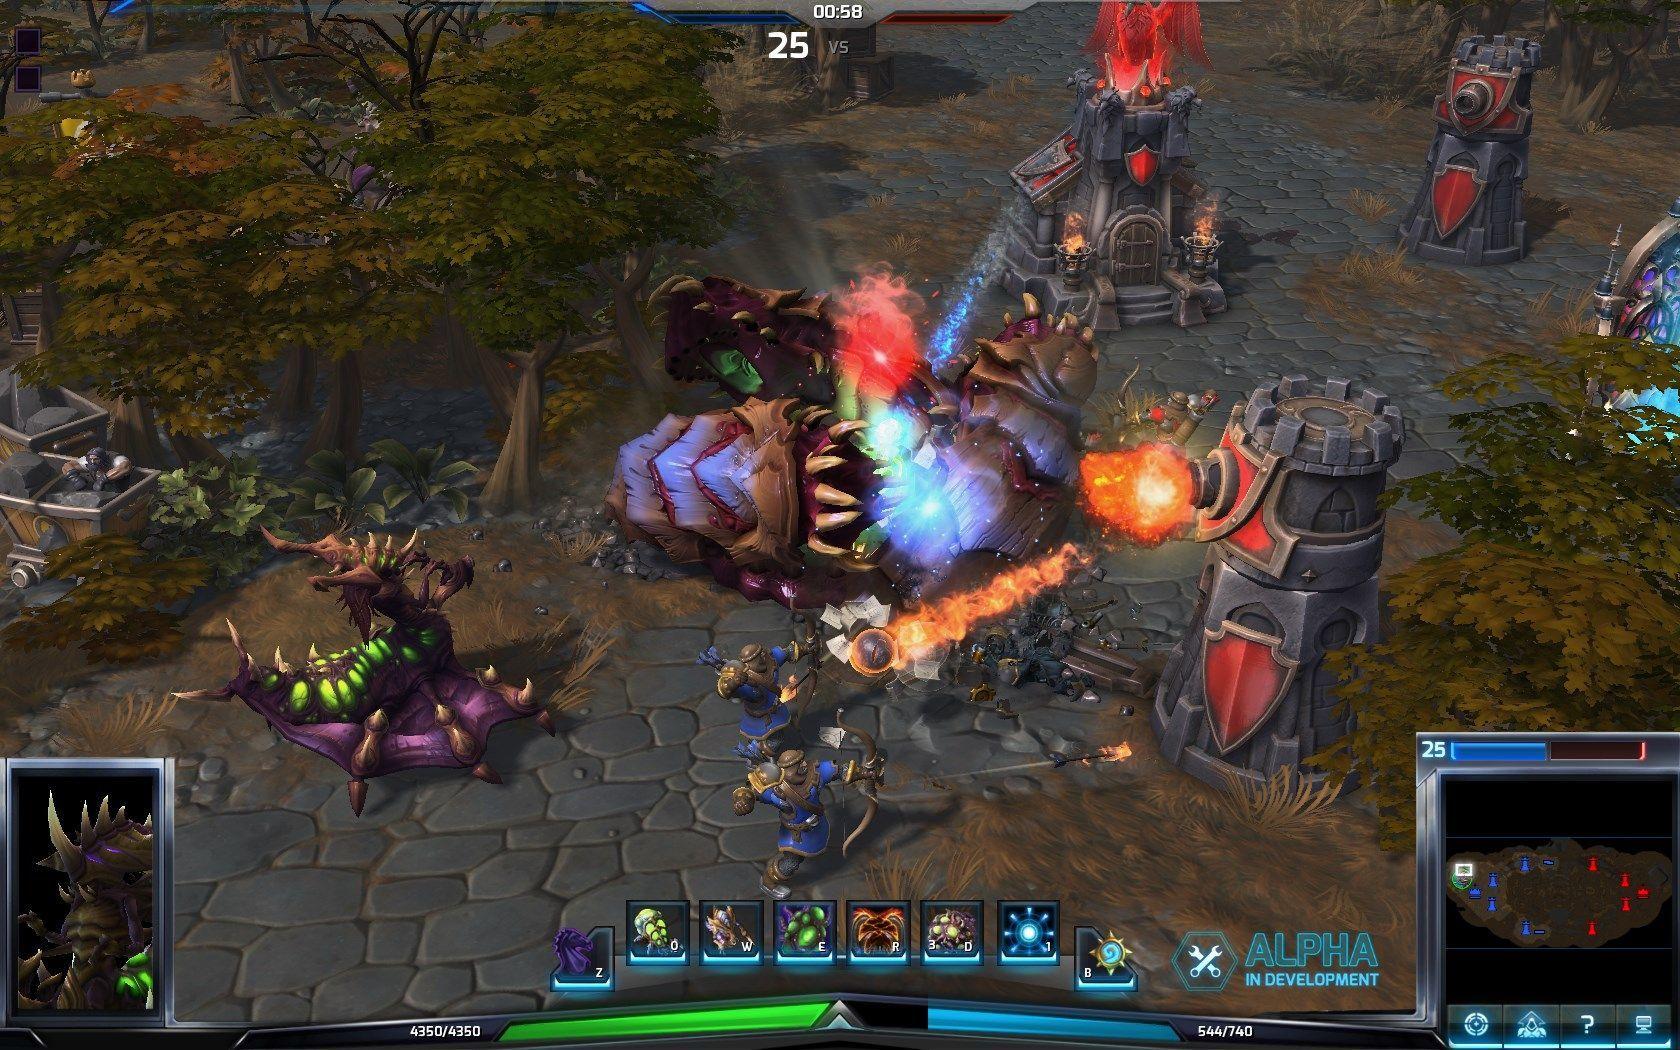 ¿Según Blizzard, cual es el héroe mas difícil de usar?